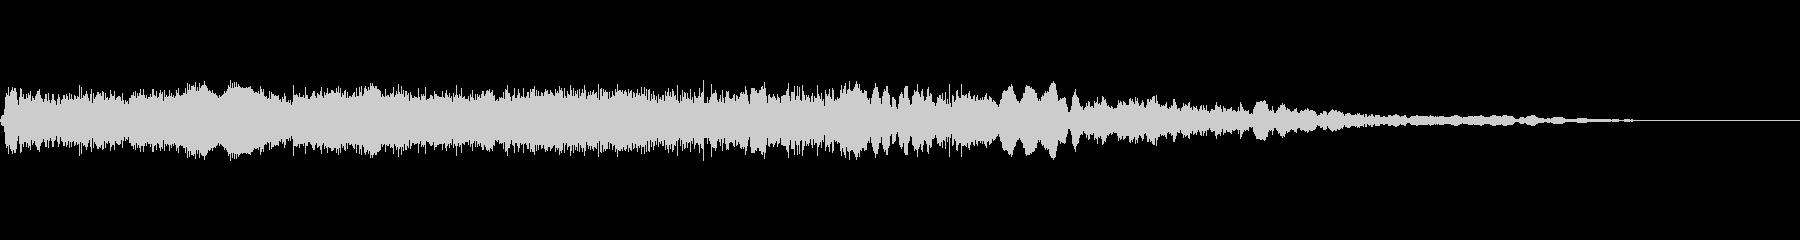 モンスターギターコードヘビープロセ...の未再生の波形